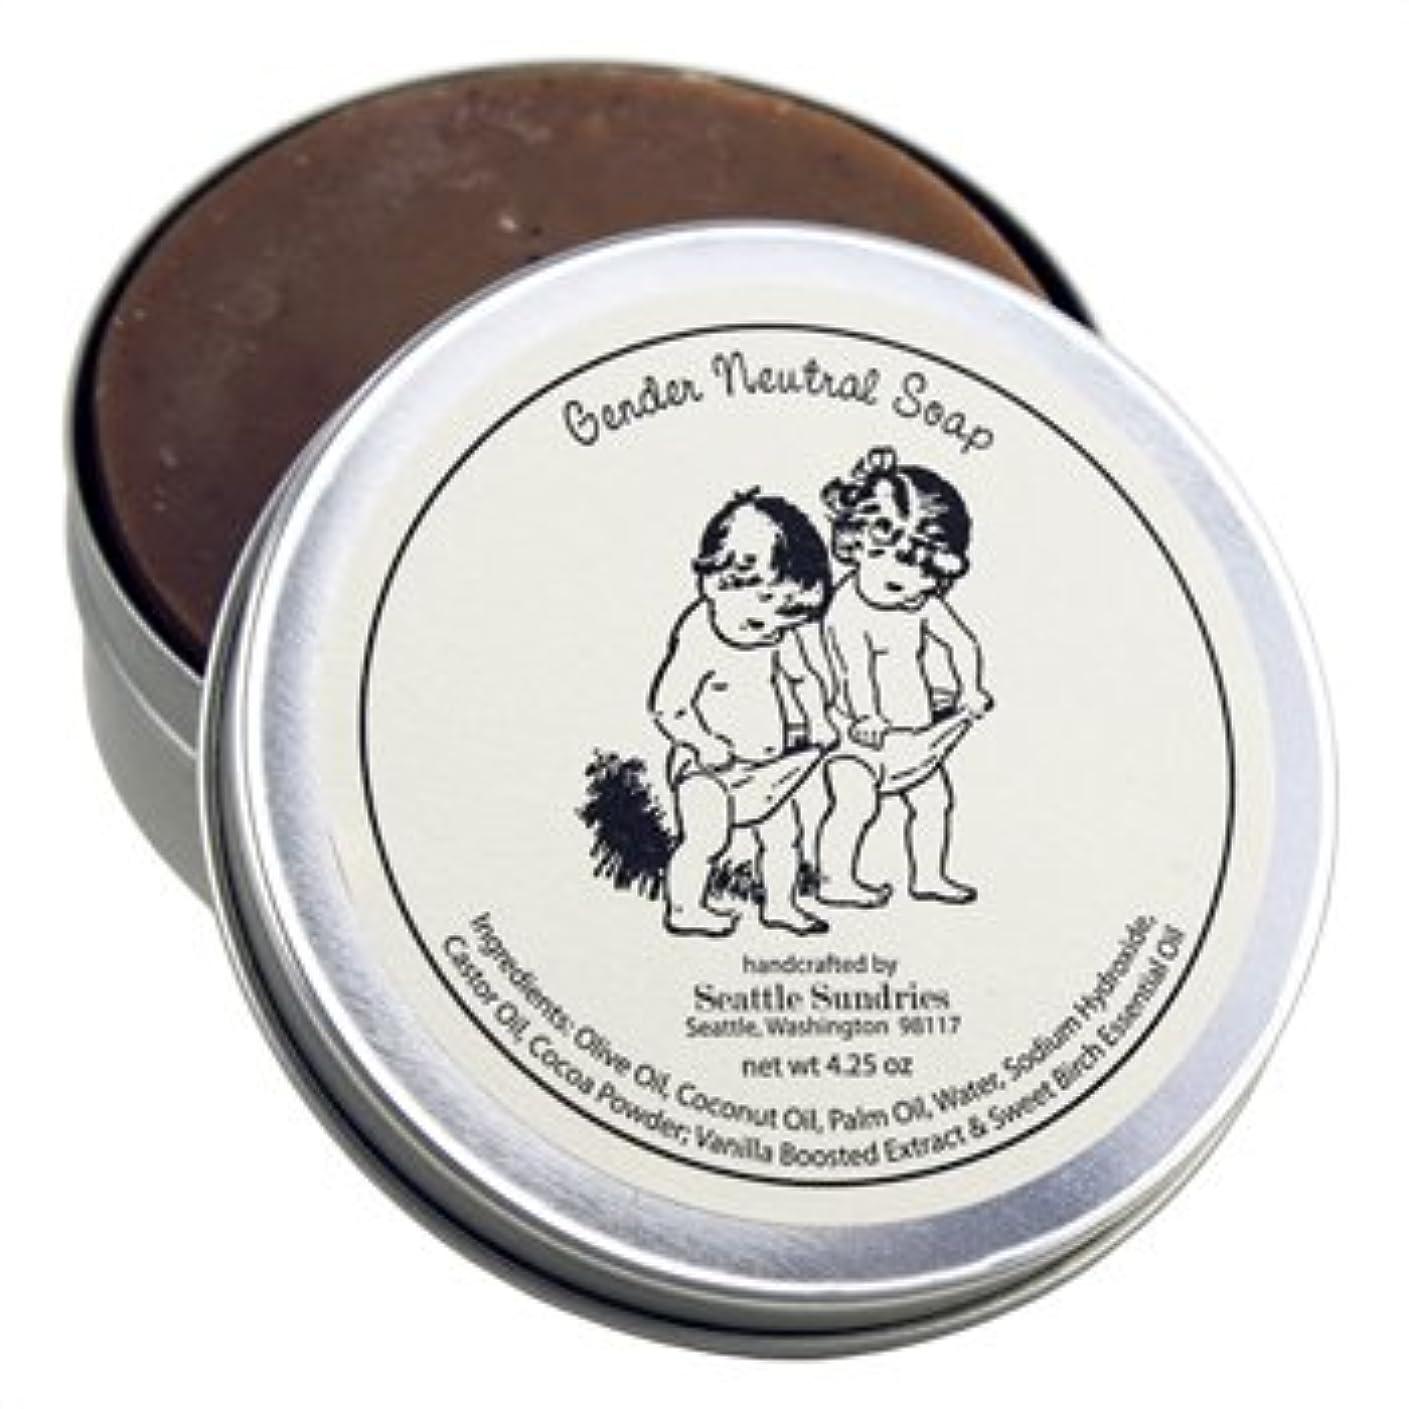 リダクター取り扱い顕著シアトル石鹸 Gender Neutral / 石鹸を愛する全ての人へ Seattle Sundries社製